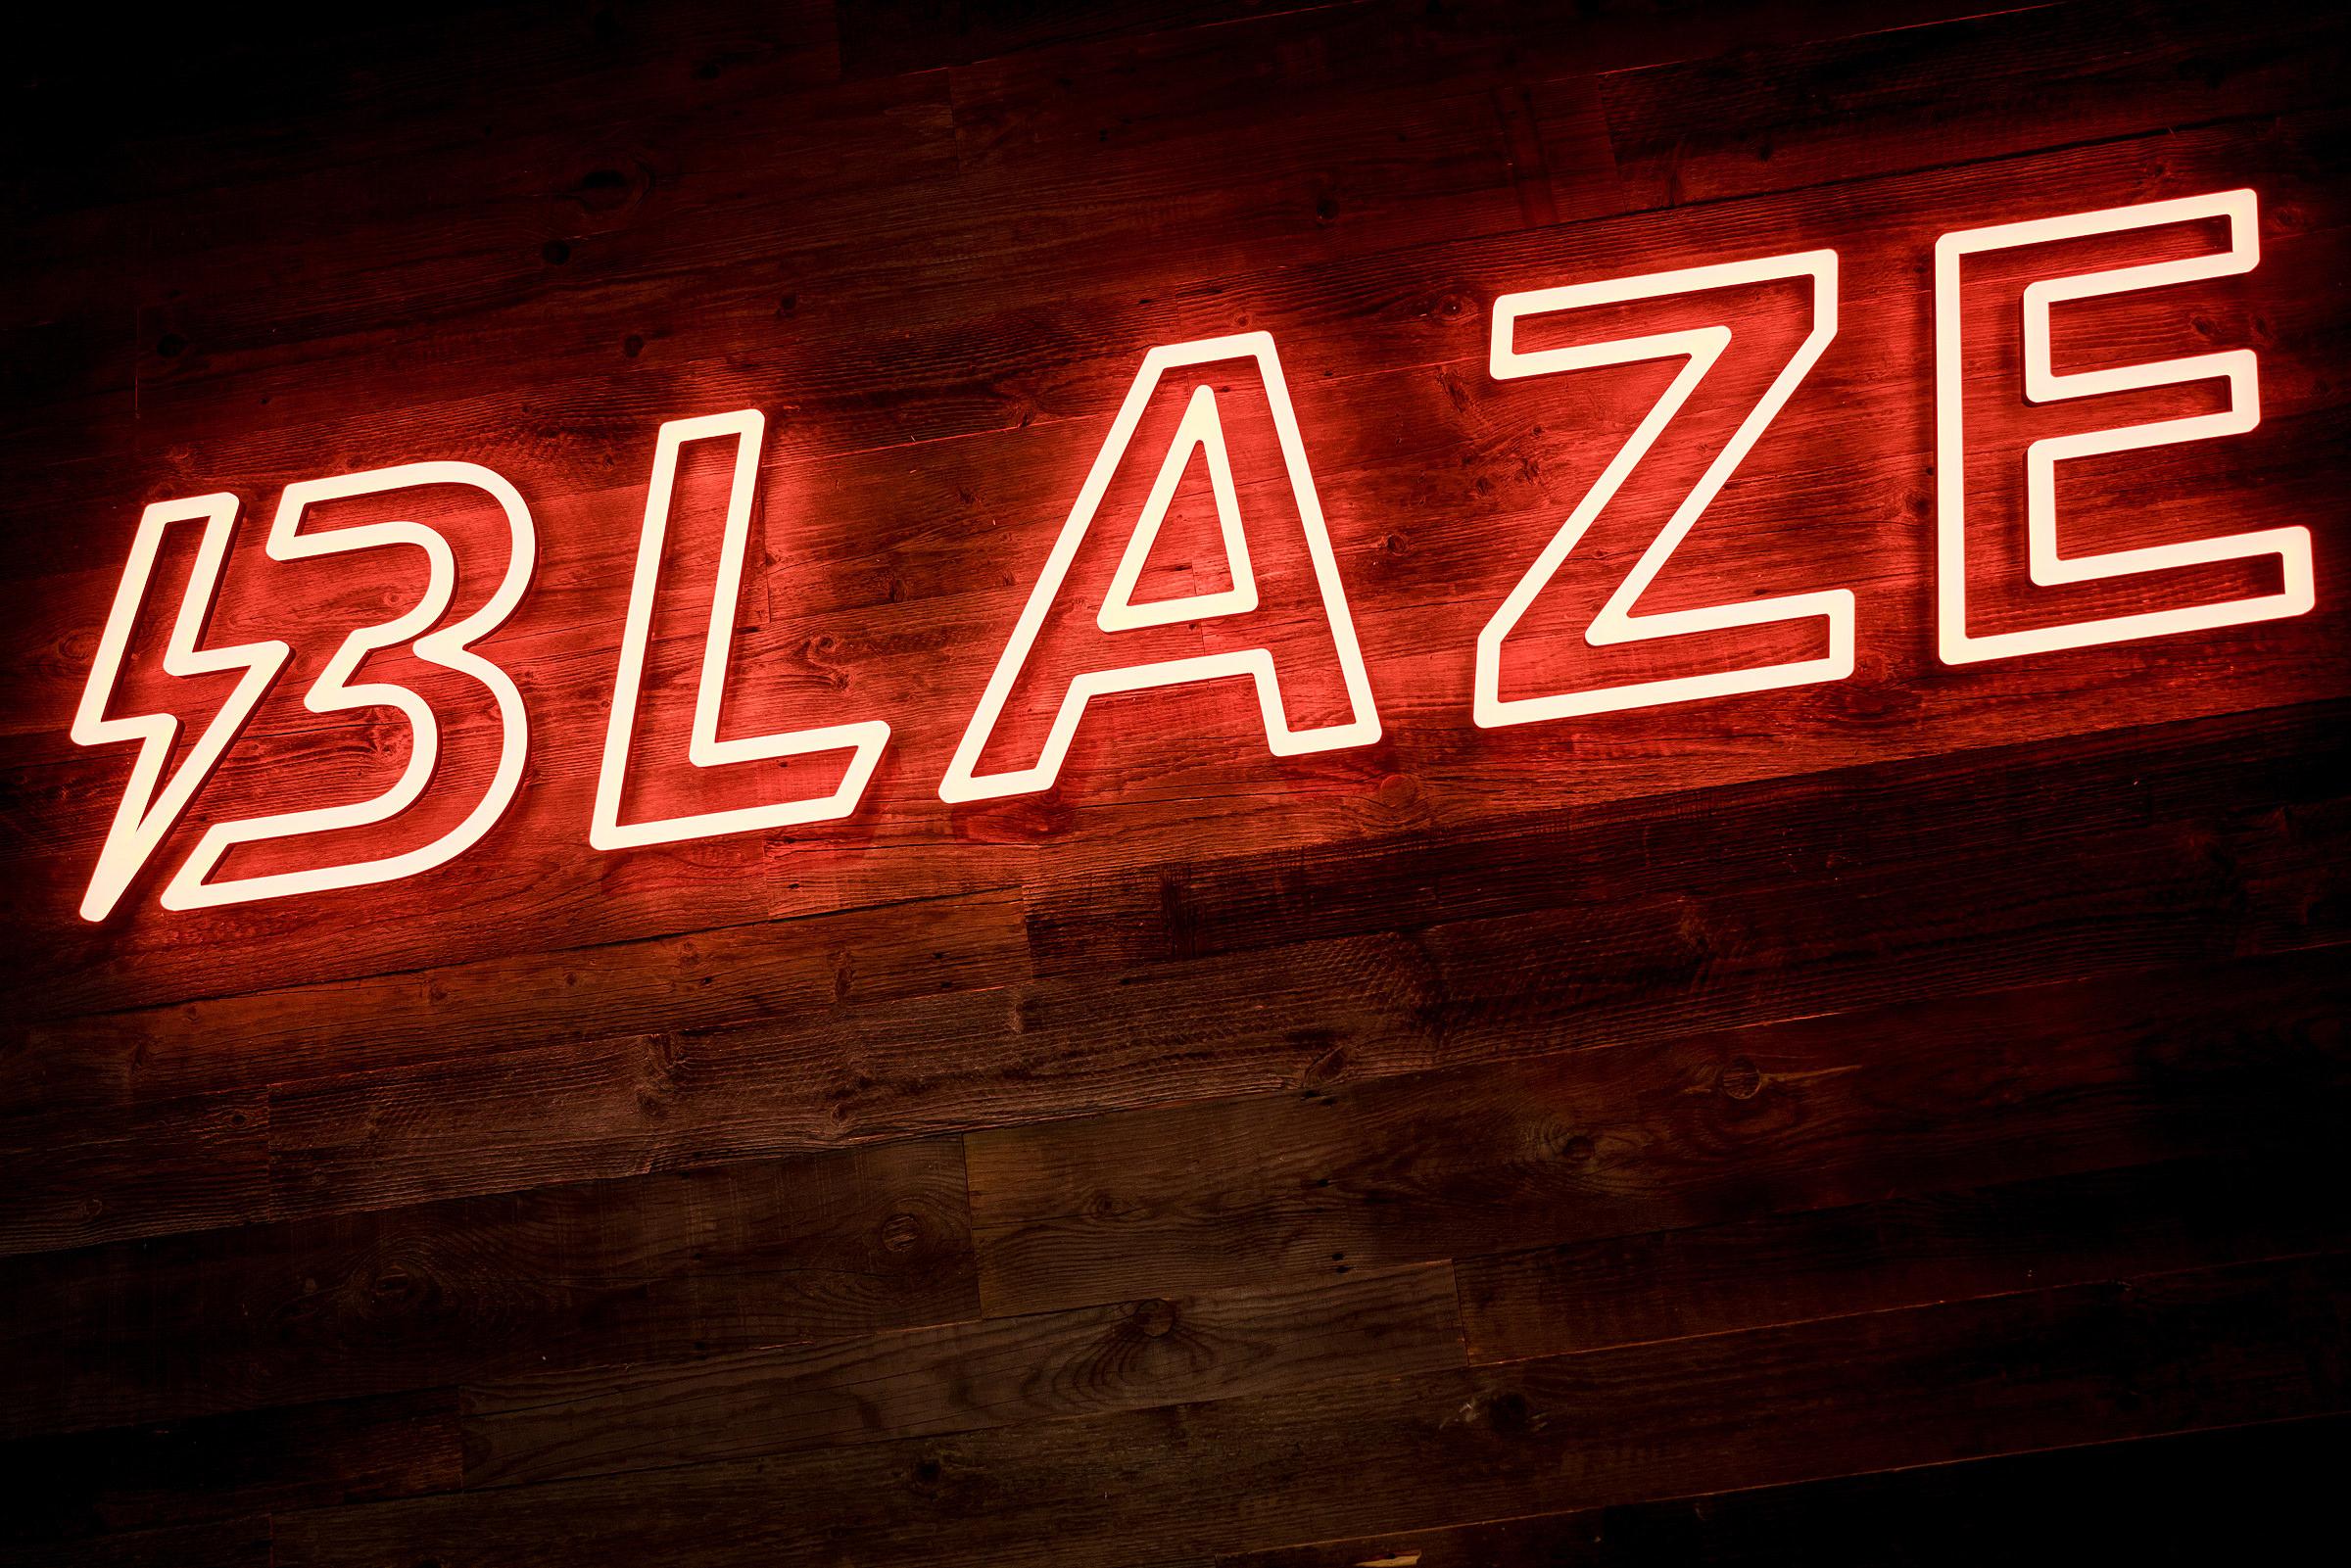 Blaze branding